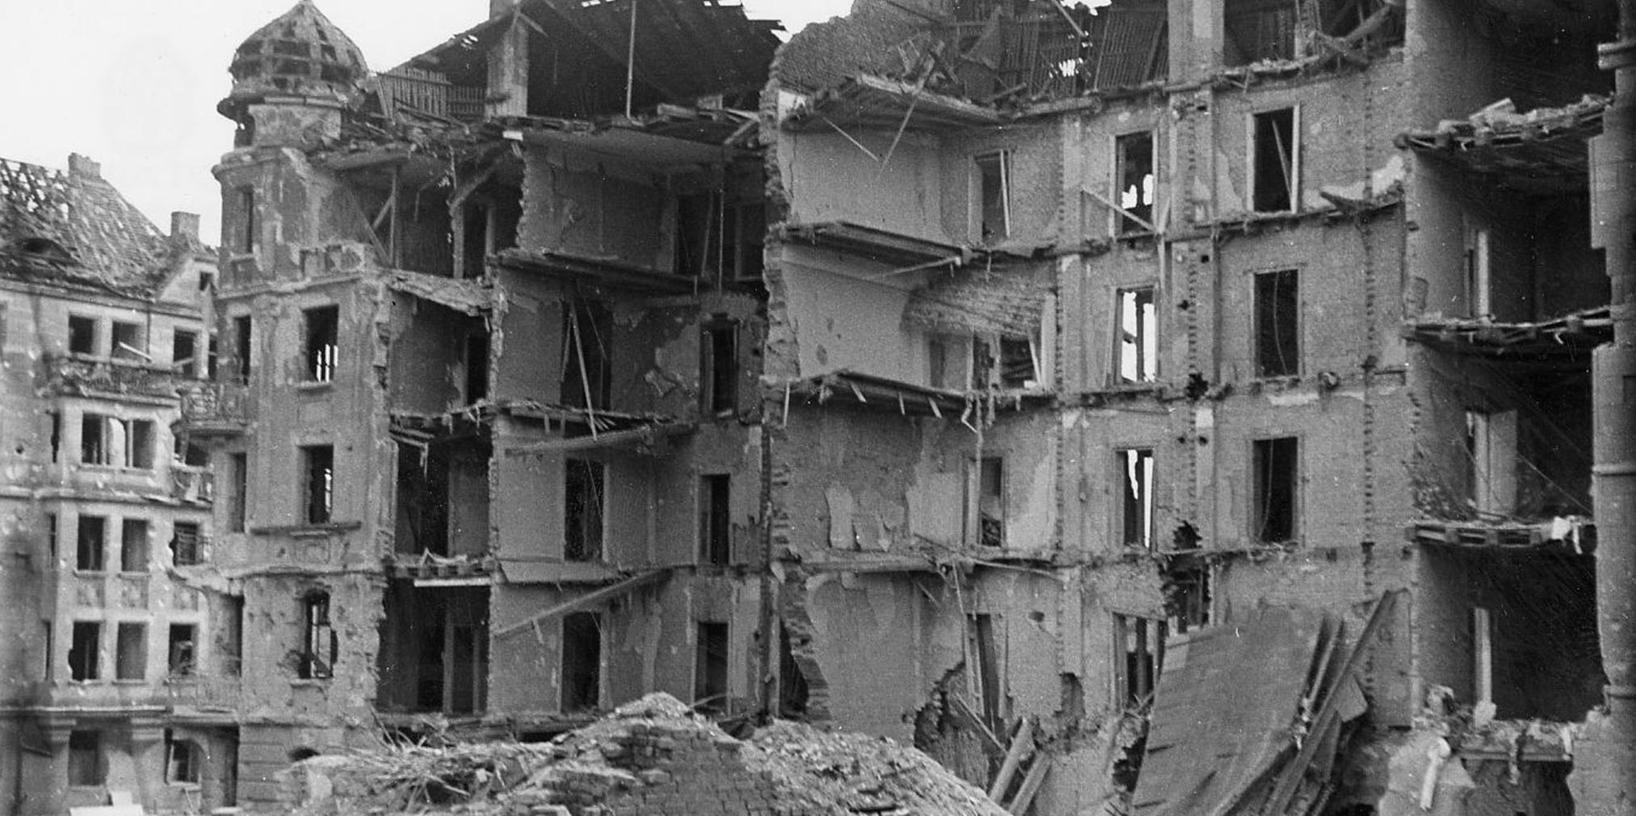 Historische Fotografien zeigen das Ausmaß, etwa nach dem Luftangriff vom 8. auf den 9. März 1943 in der Amalienstraße, Ecke Benno-Mayer-Straße.